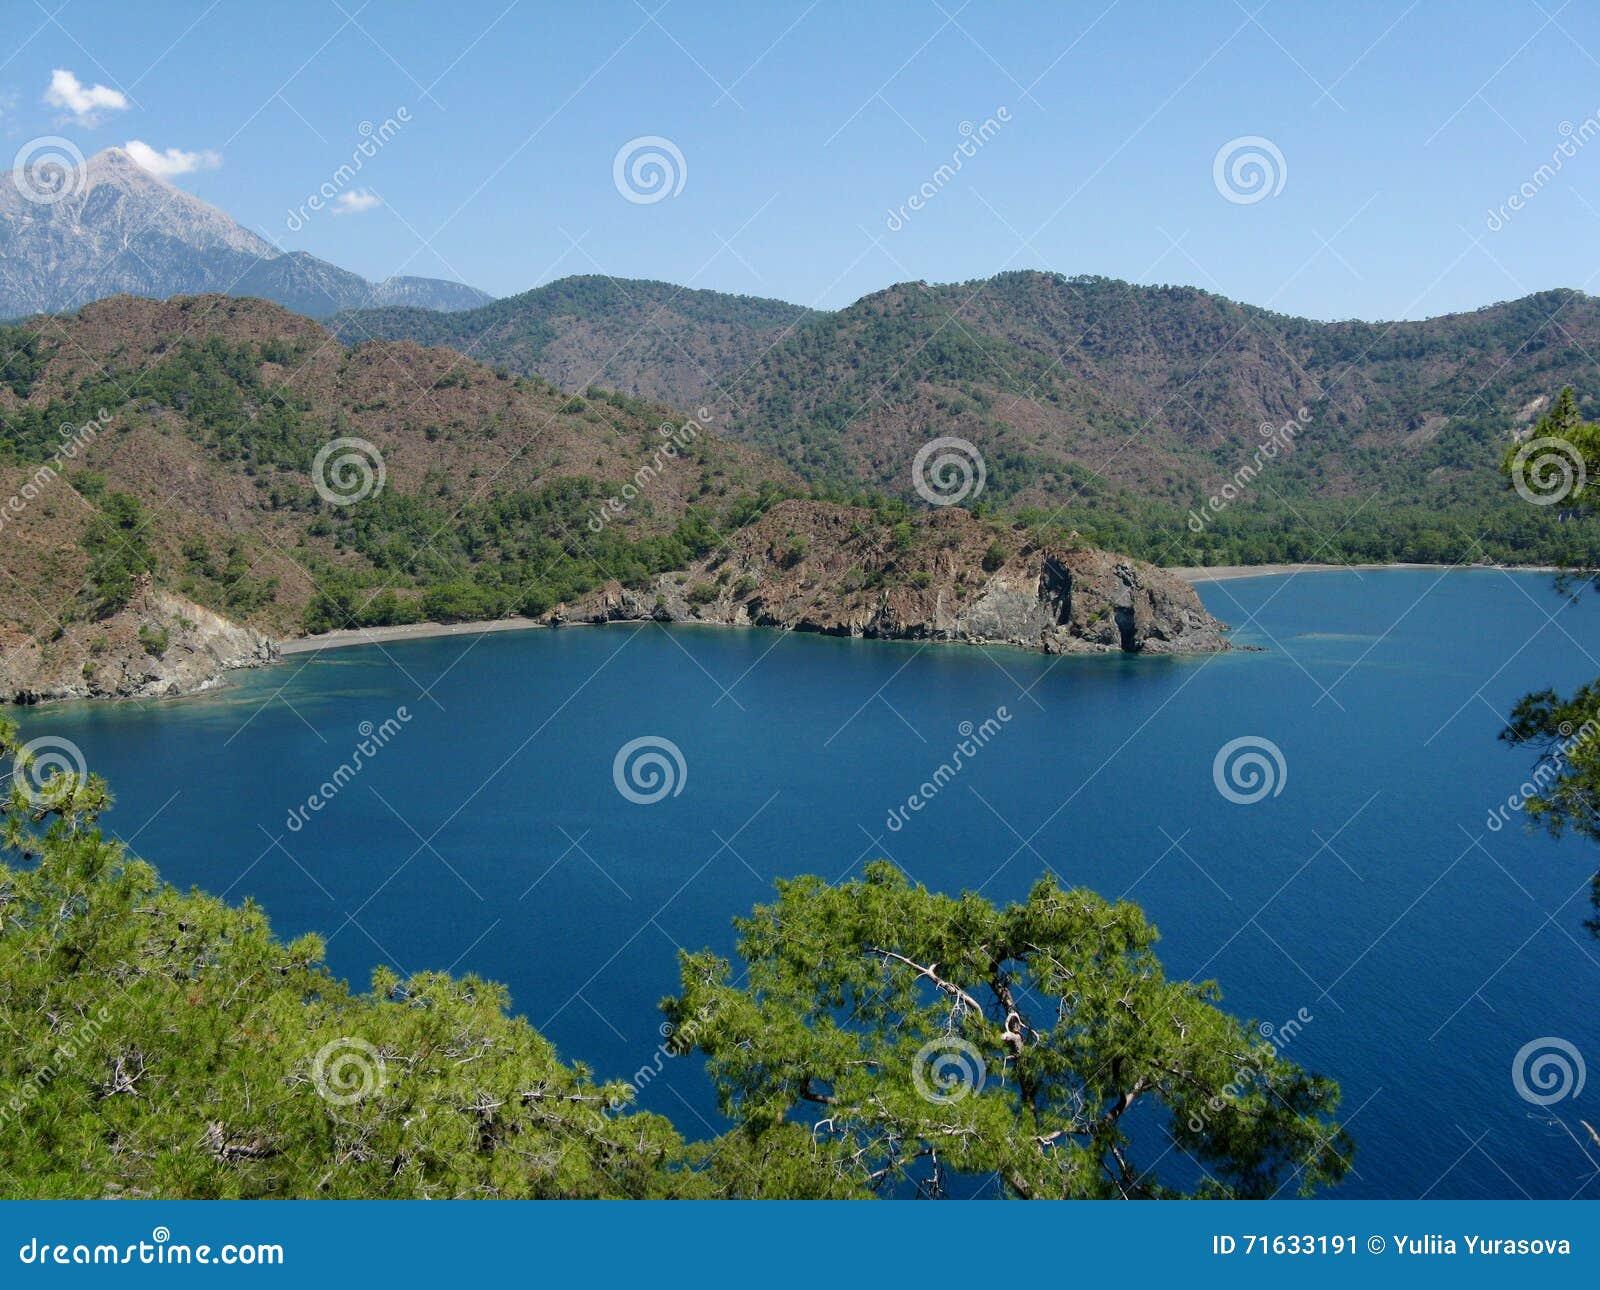 Beautiful blue water lake